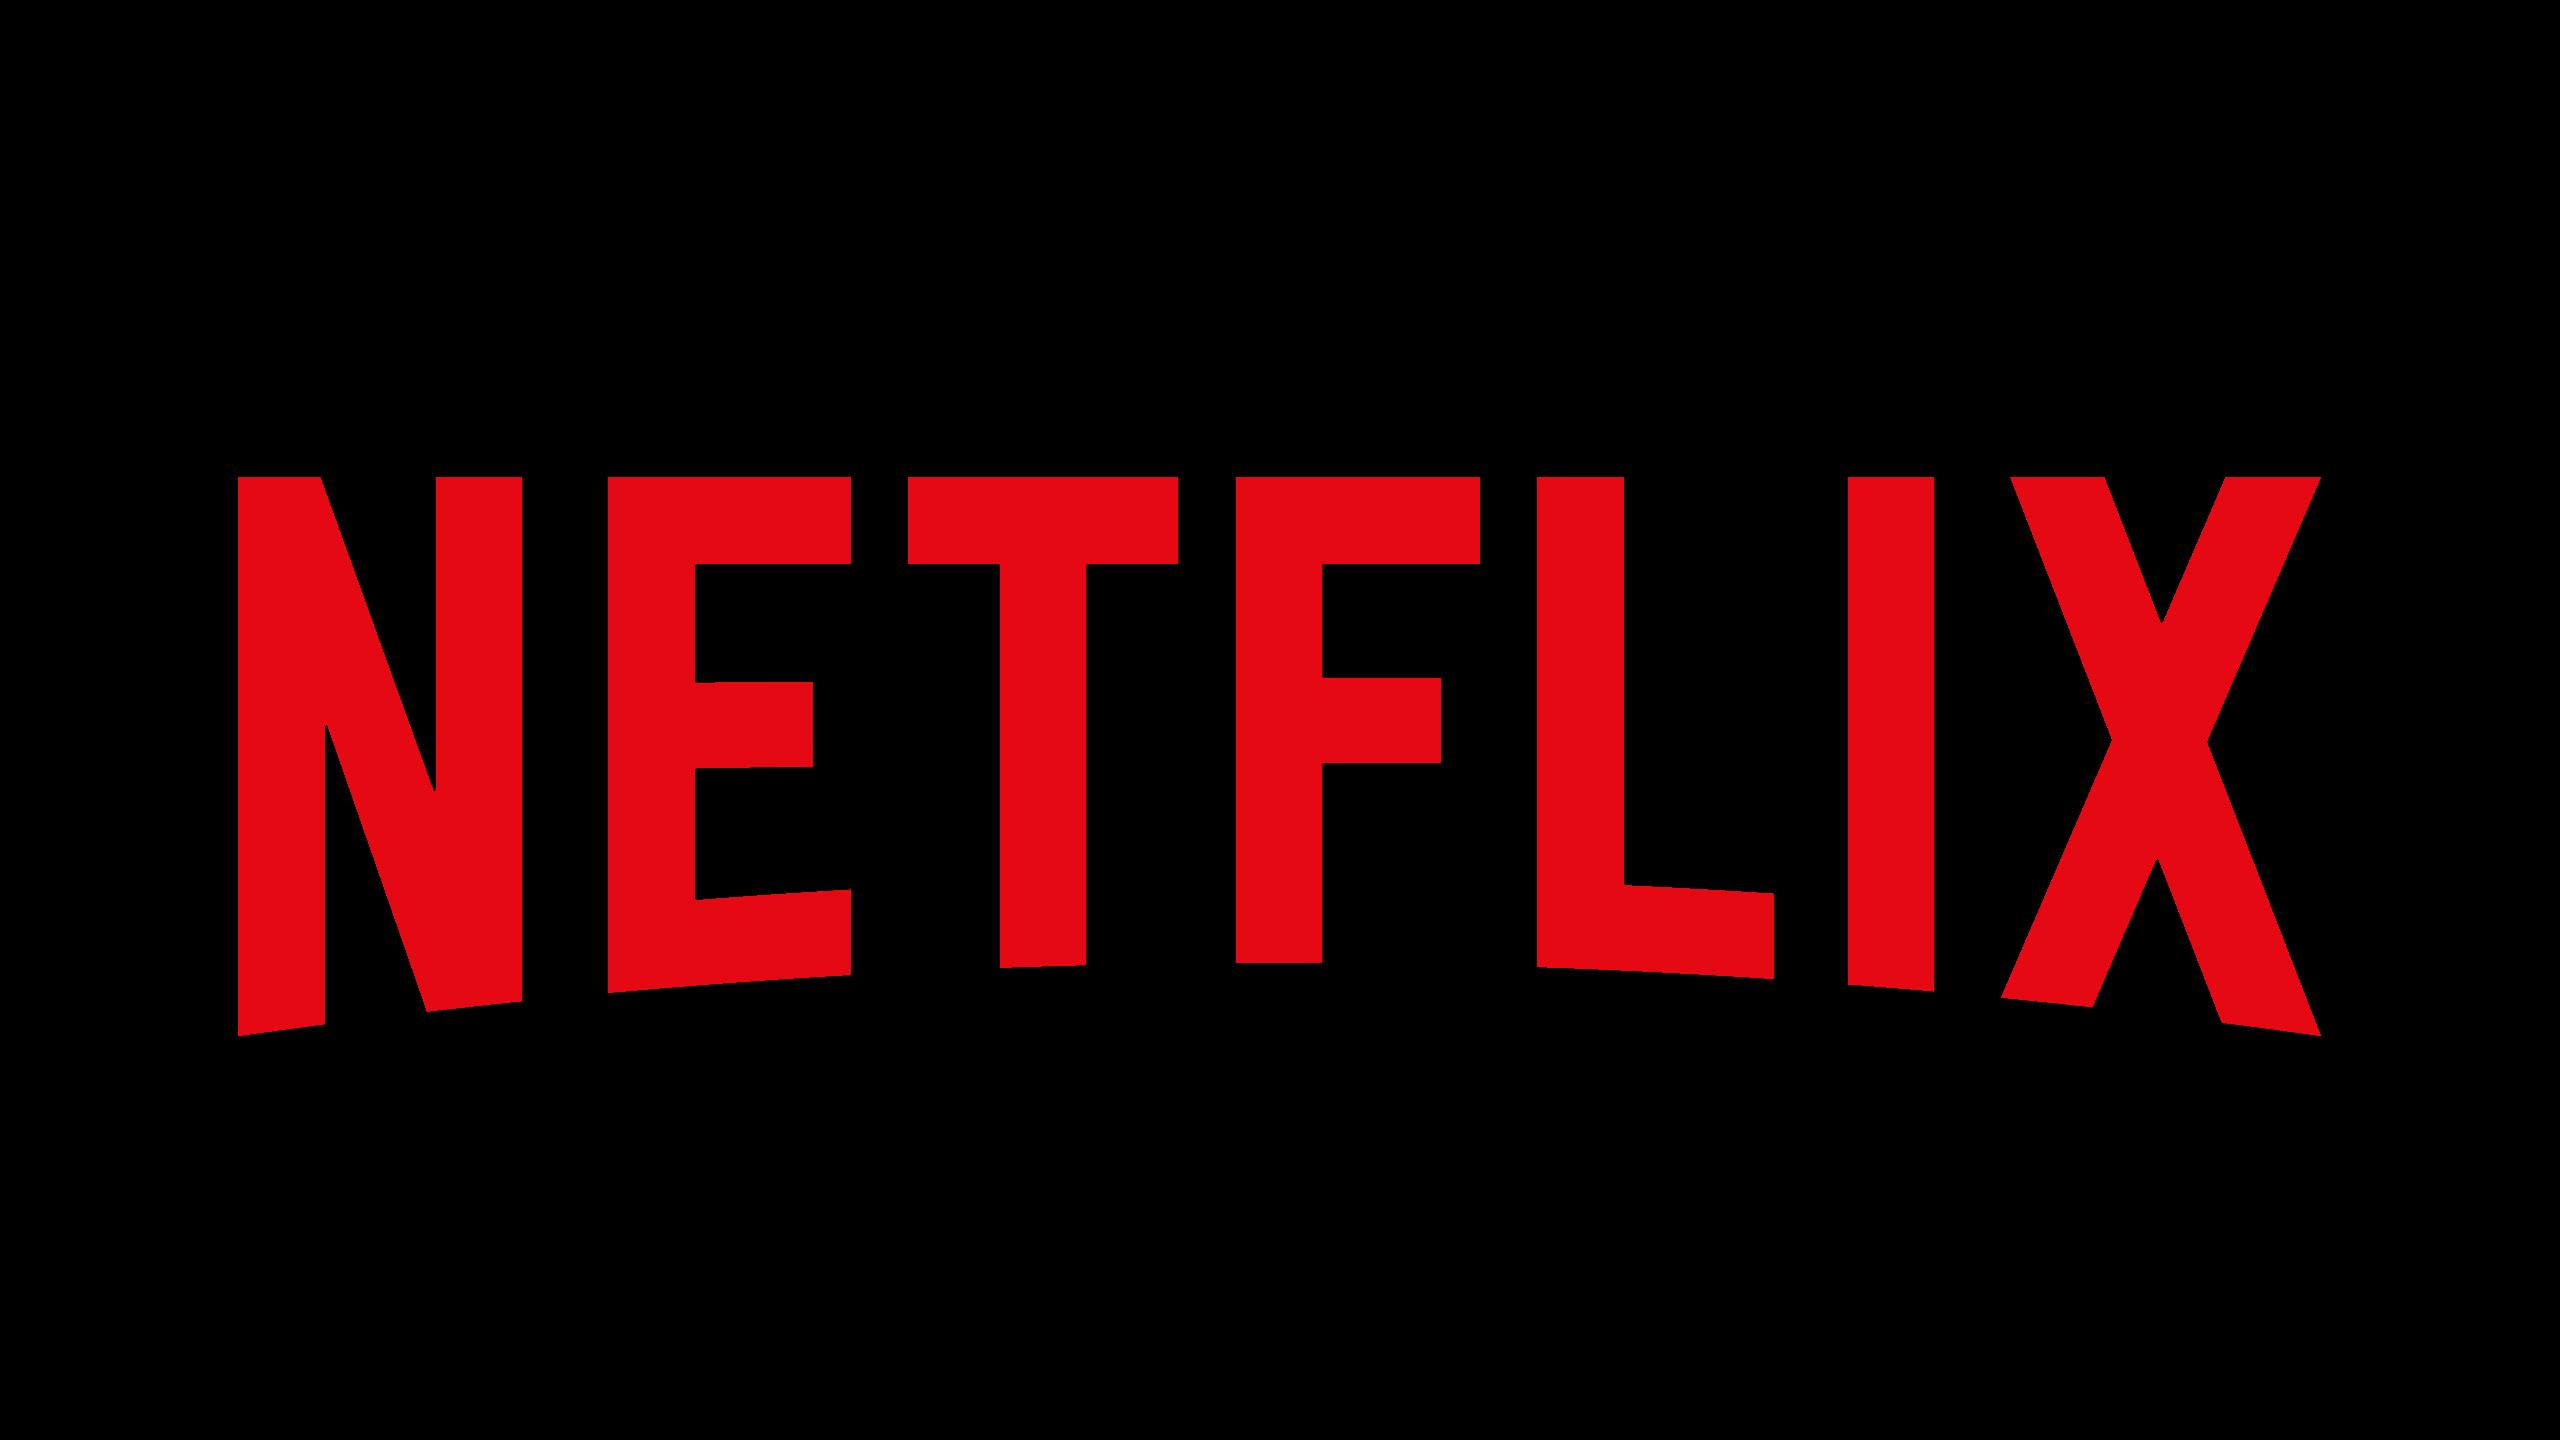 Netflix'ten iş ilanı: İstanbul'da açılacak ofis için eleman aranıyor!